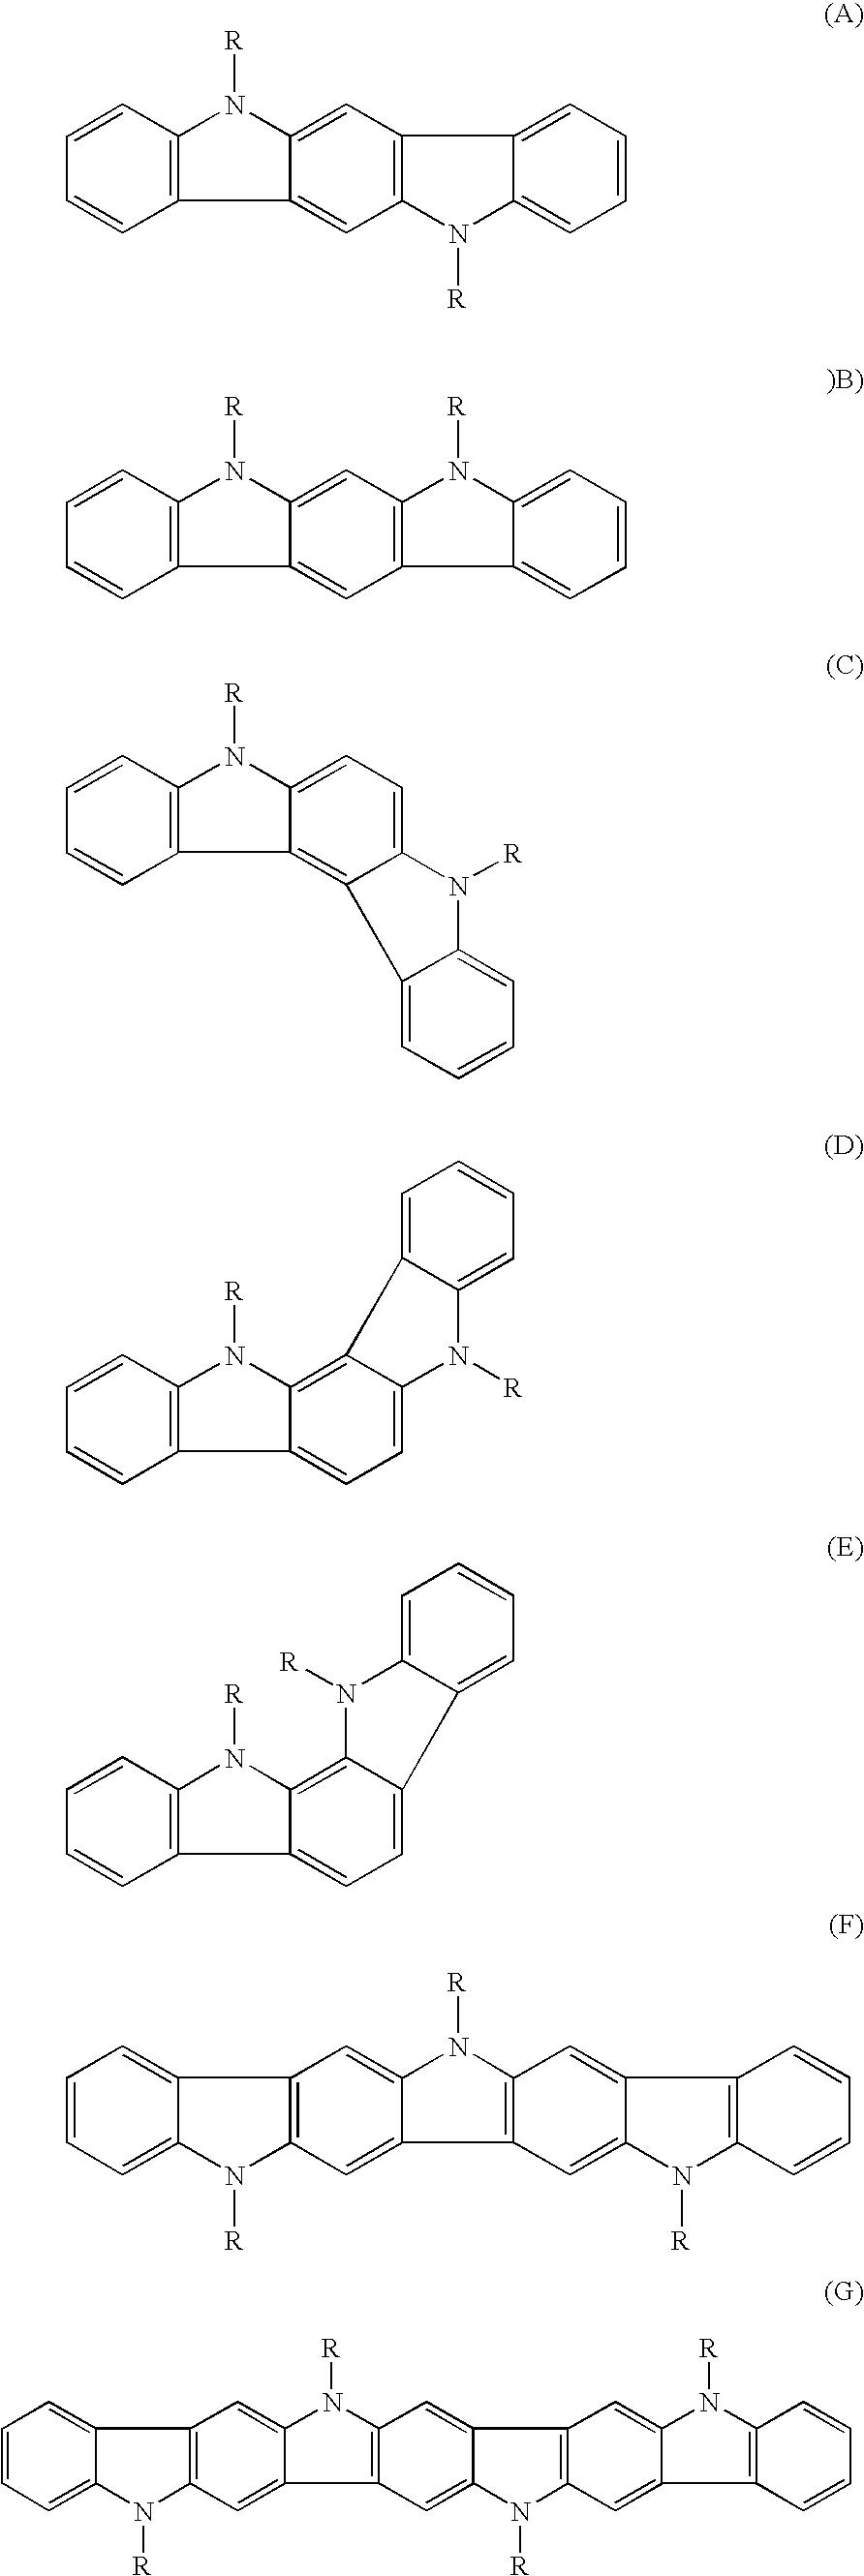 Figure US07456424-20081125-C00002